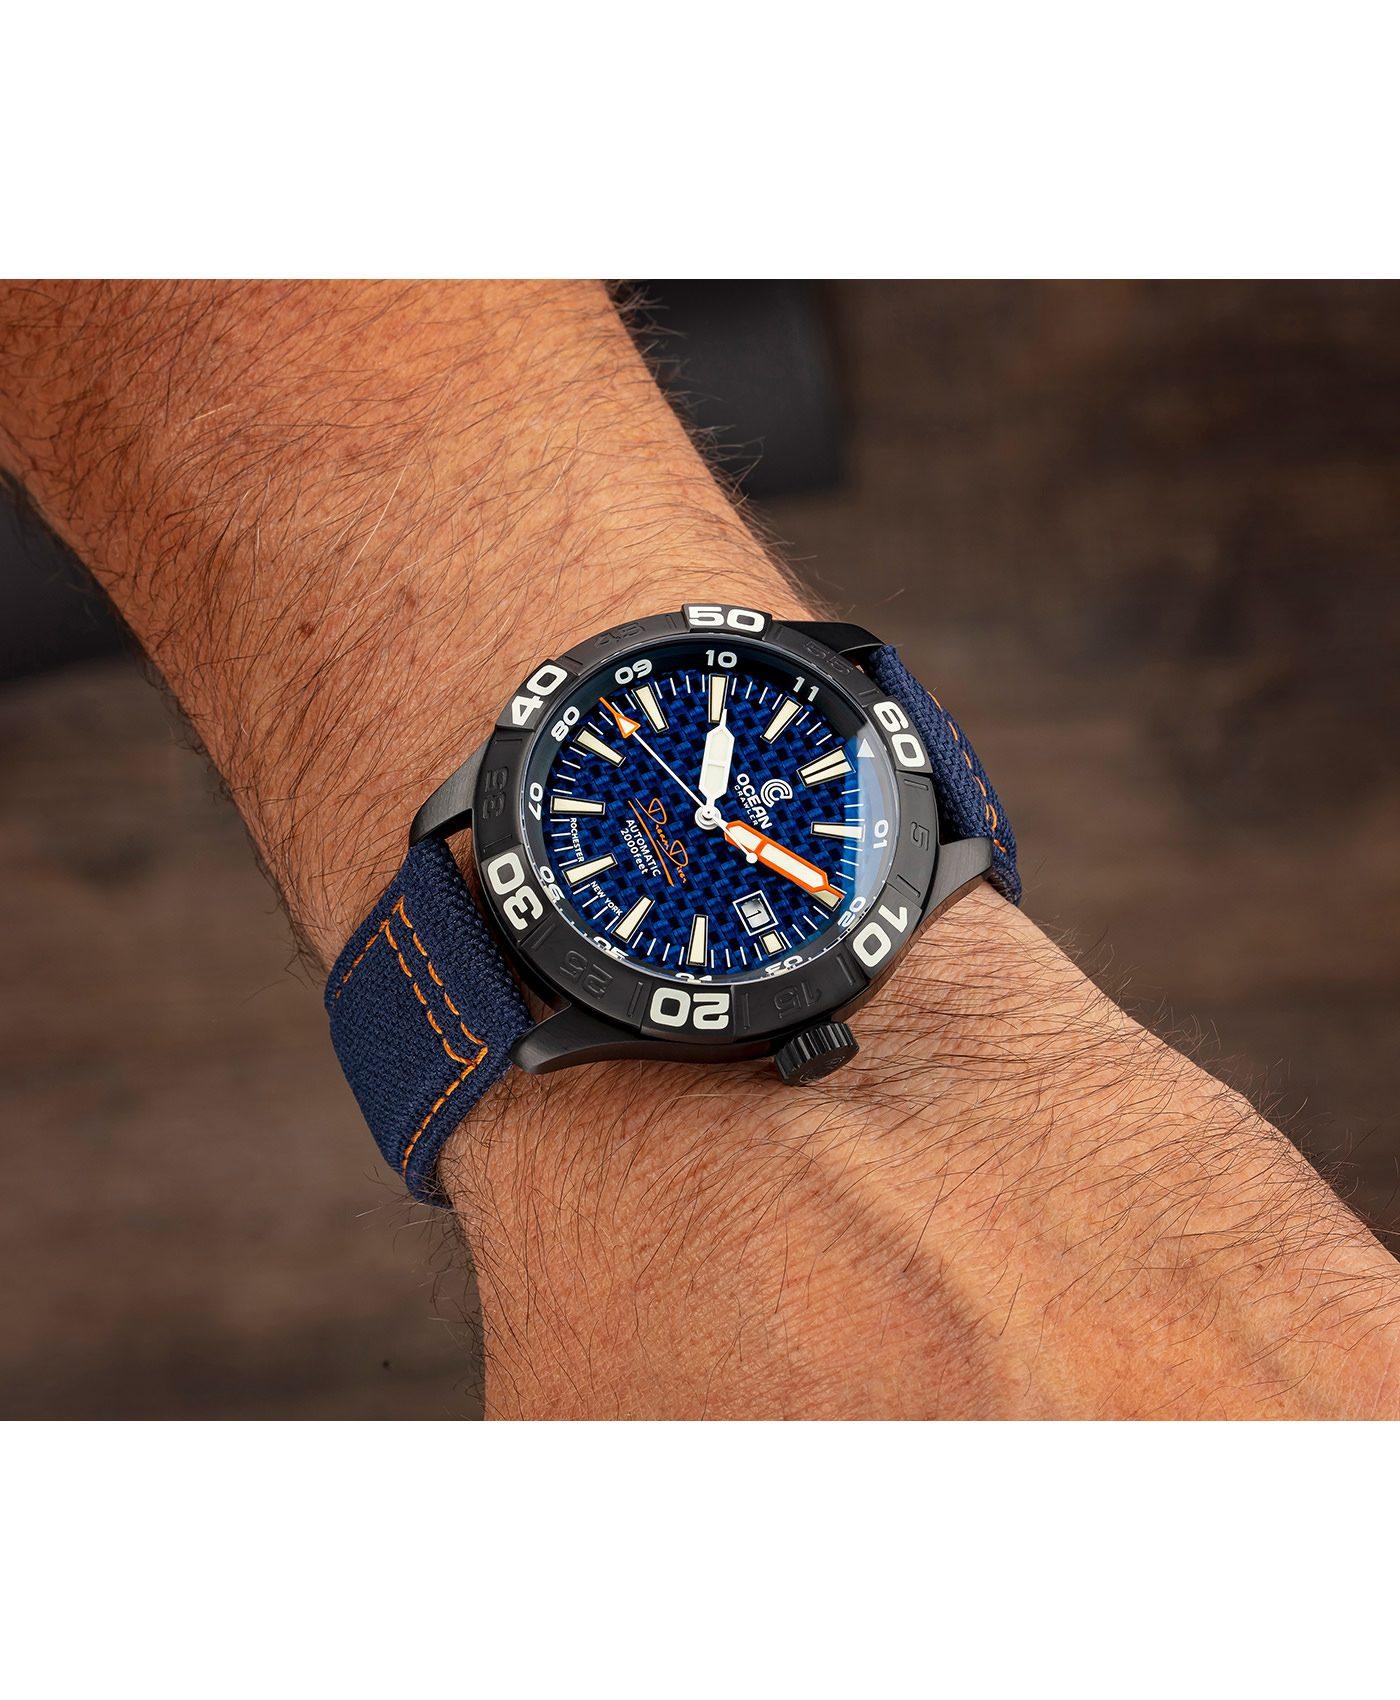 WB Ocean Crawler Dream Diver Blue Carbon Fiber DLC wrist